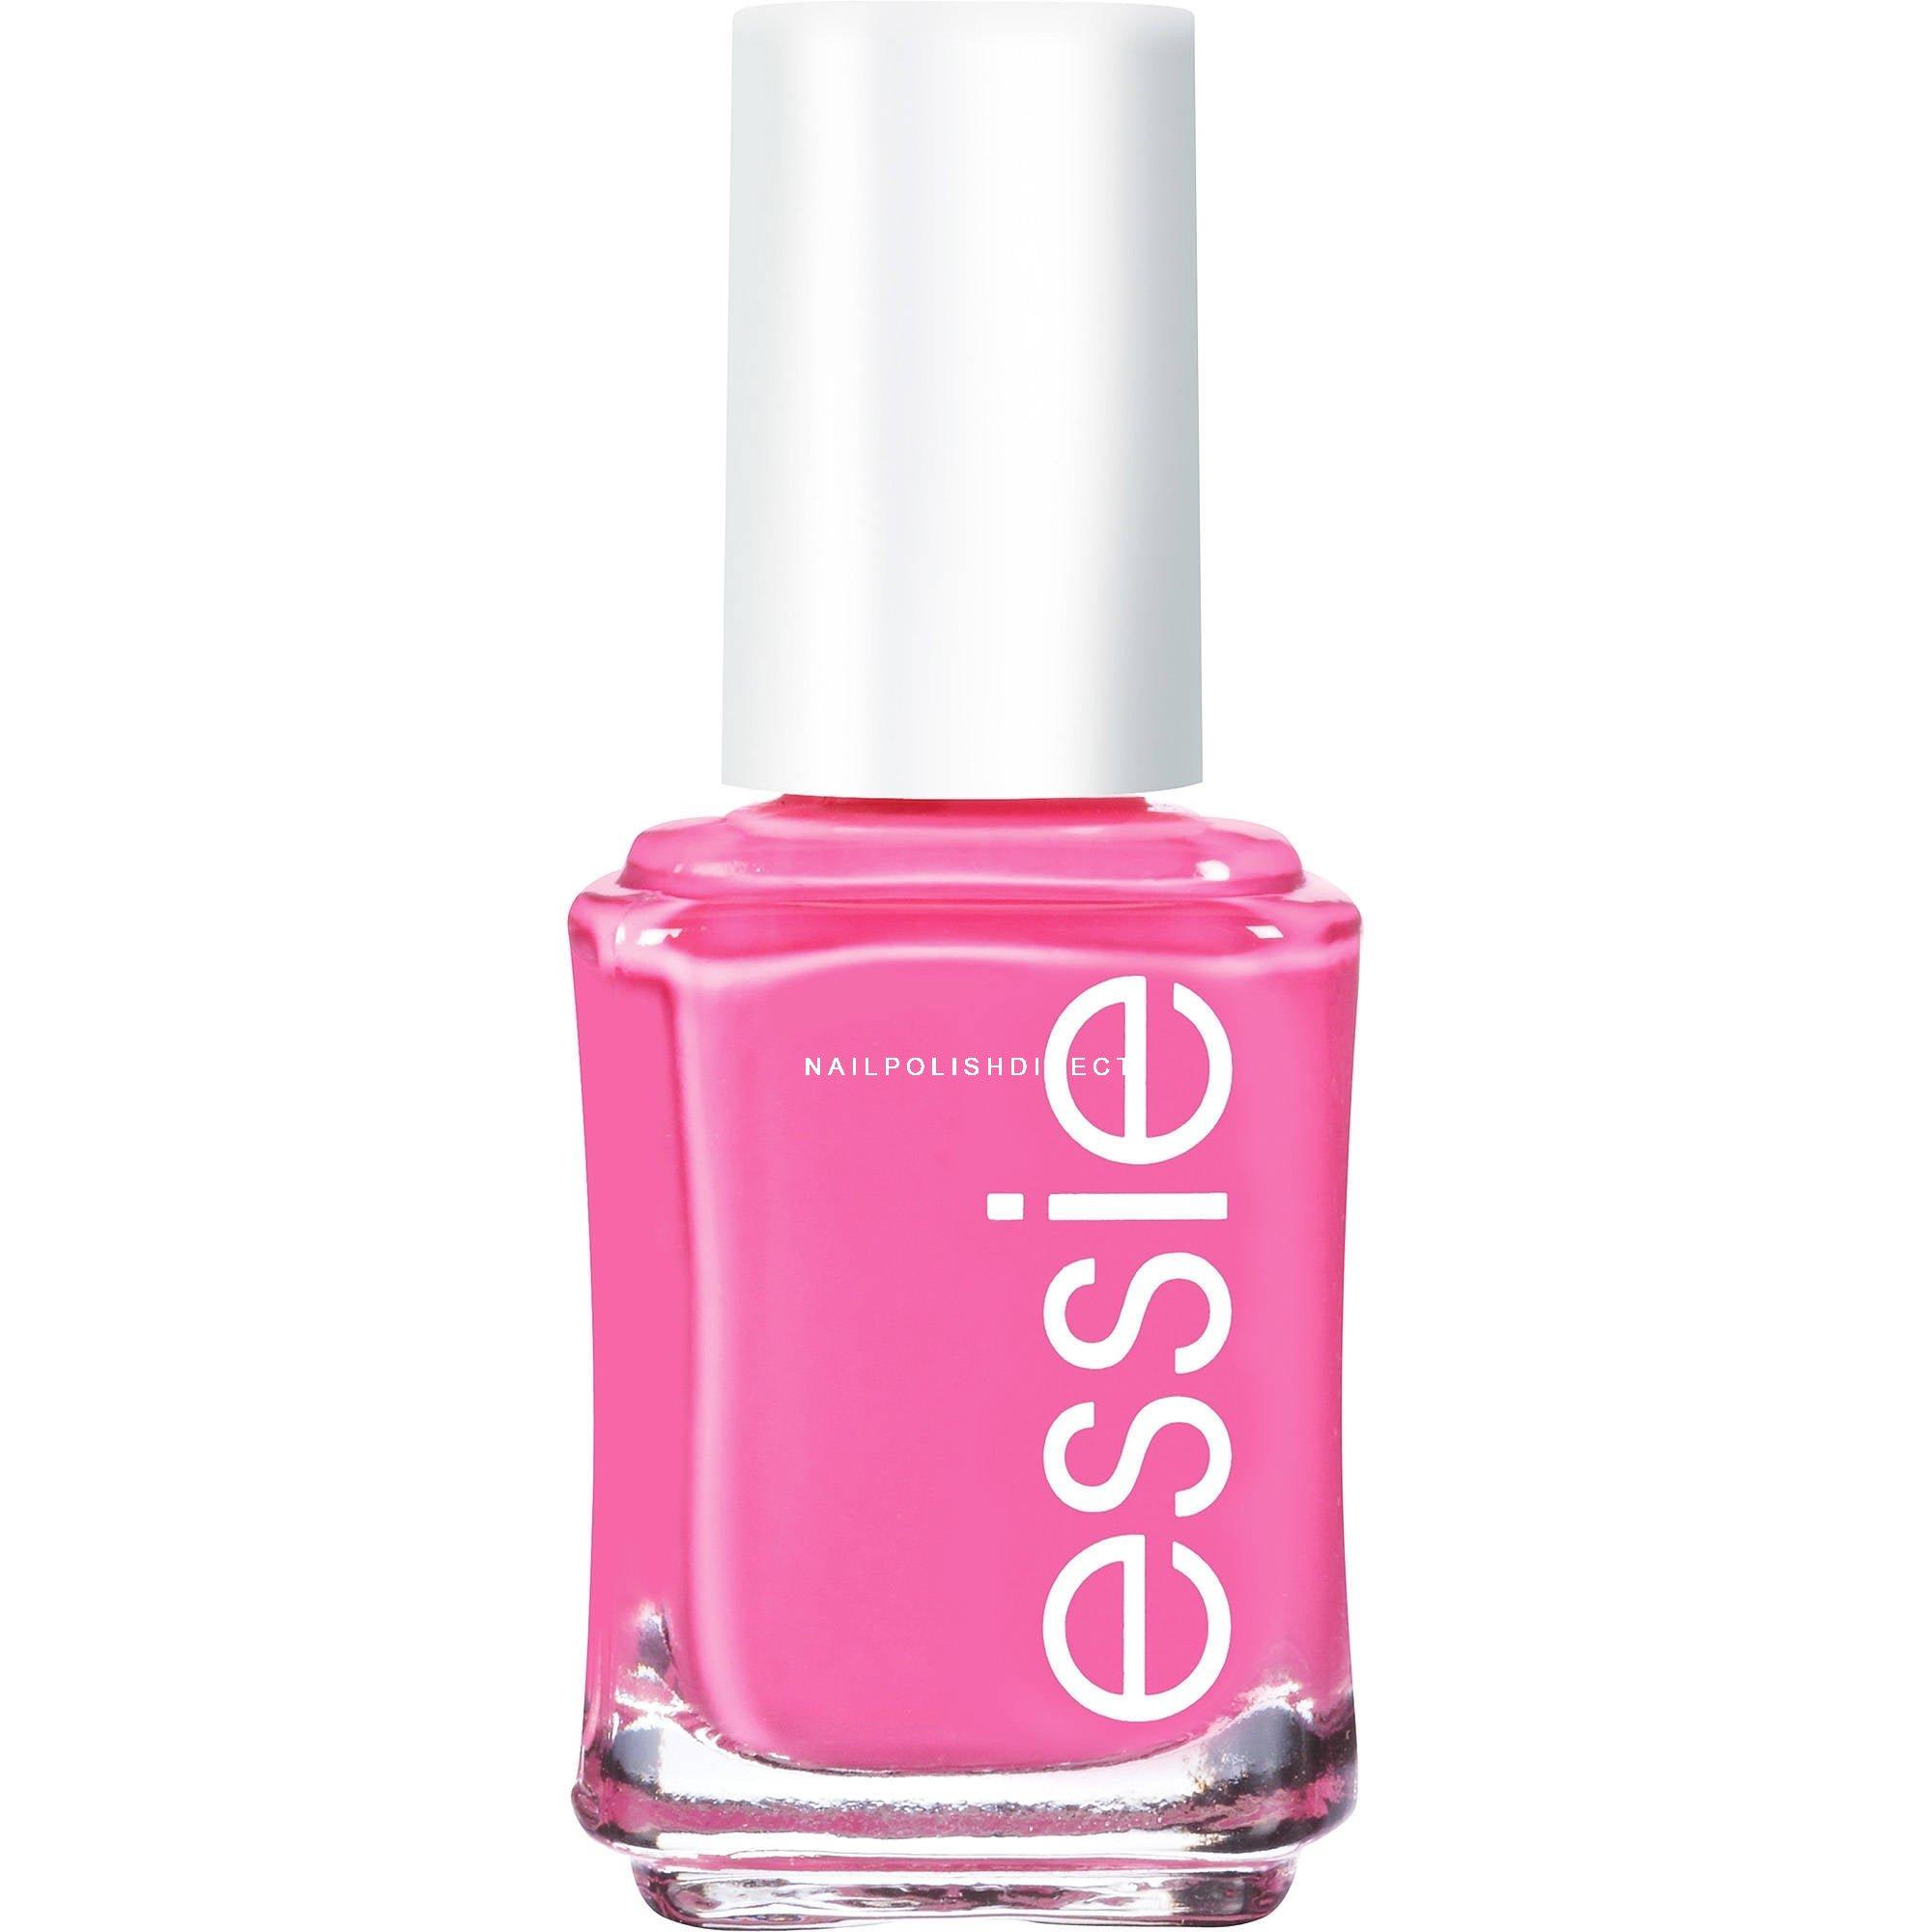 Essie Professional Quality Nail Polish - Mod Square 15ml (589)